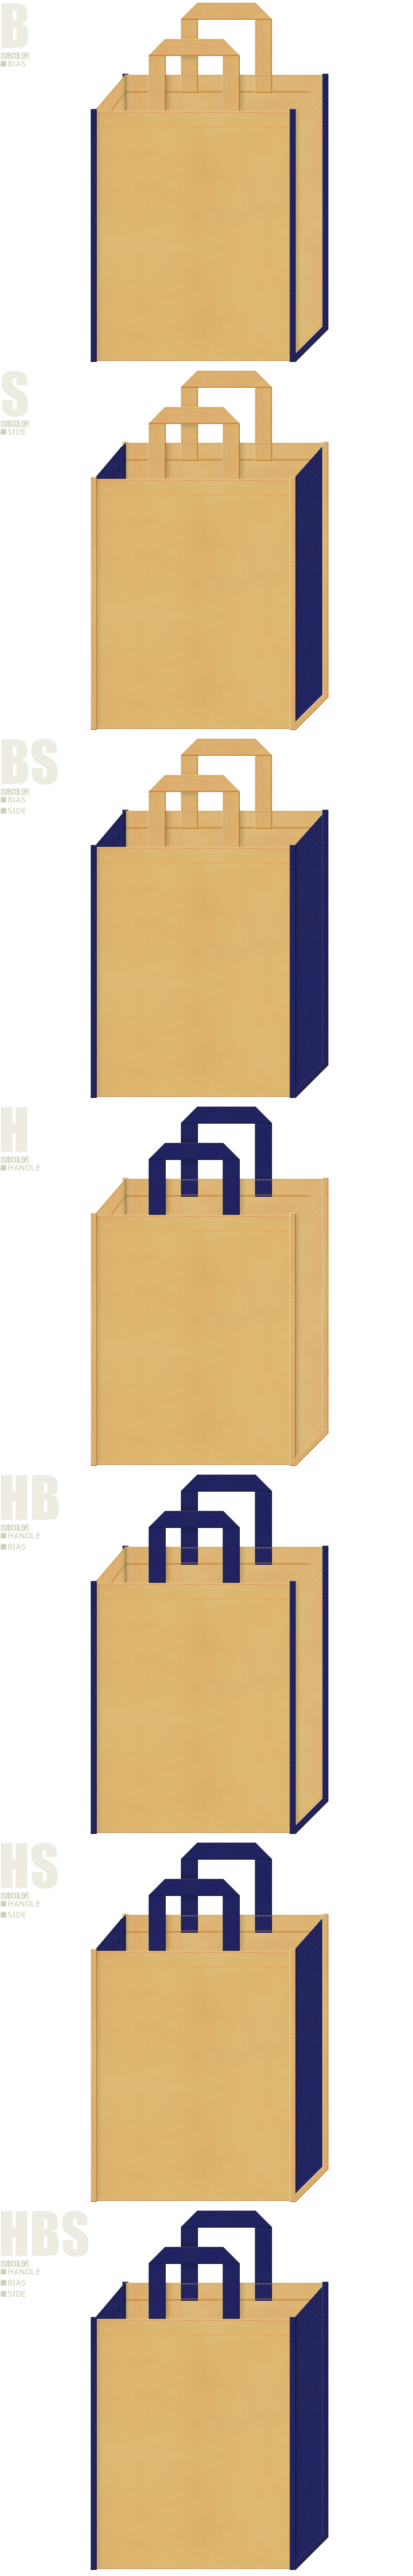 薄黄土色と明るめの紺色、7パターンの不織布トートバッグ配色デザイン例。